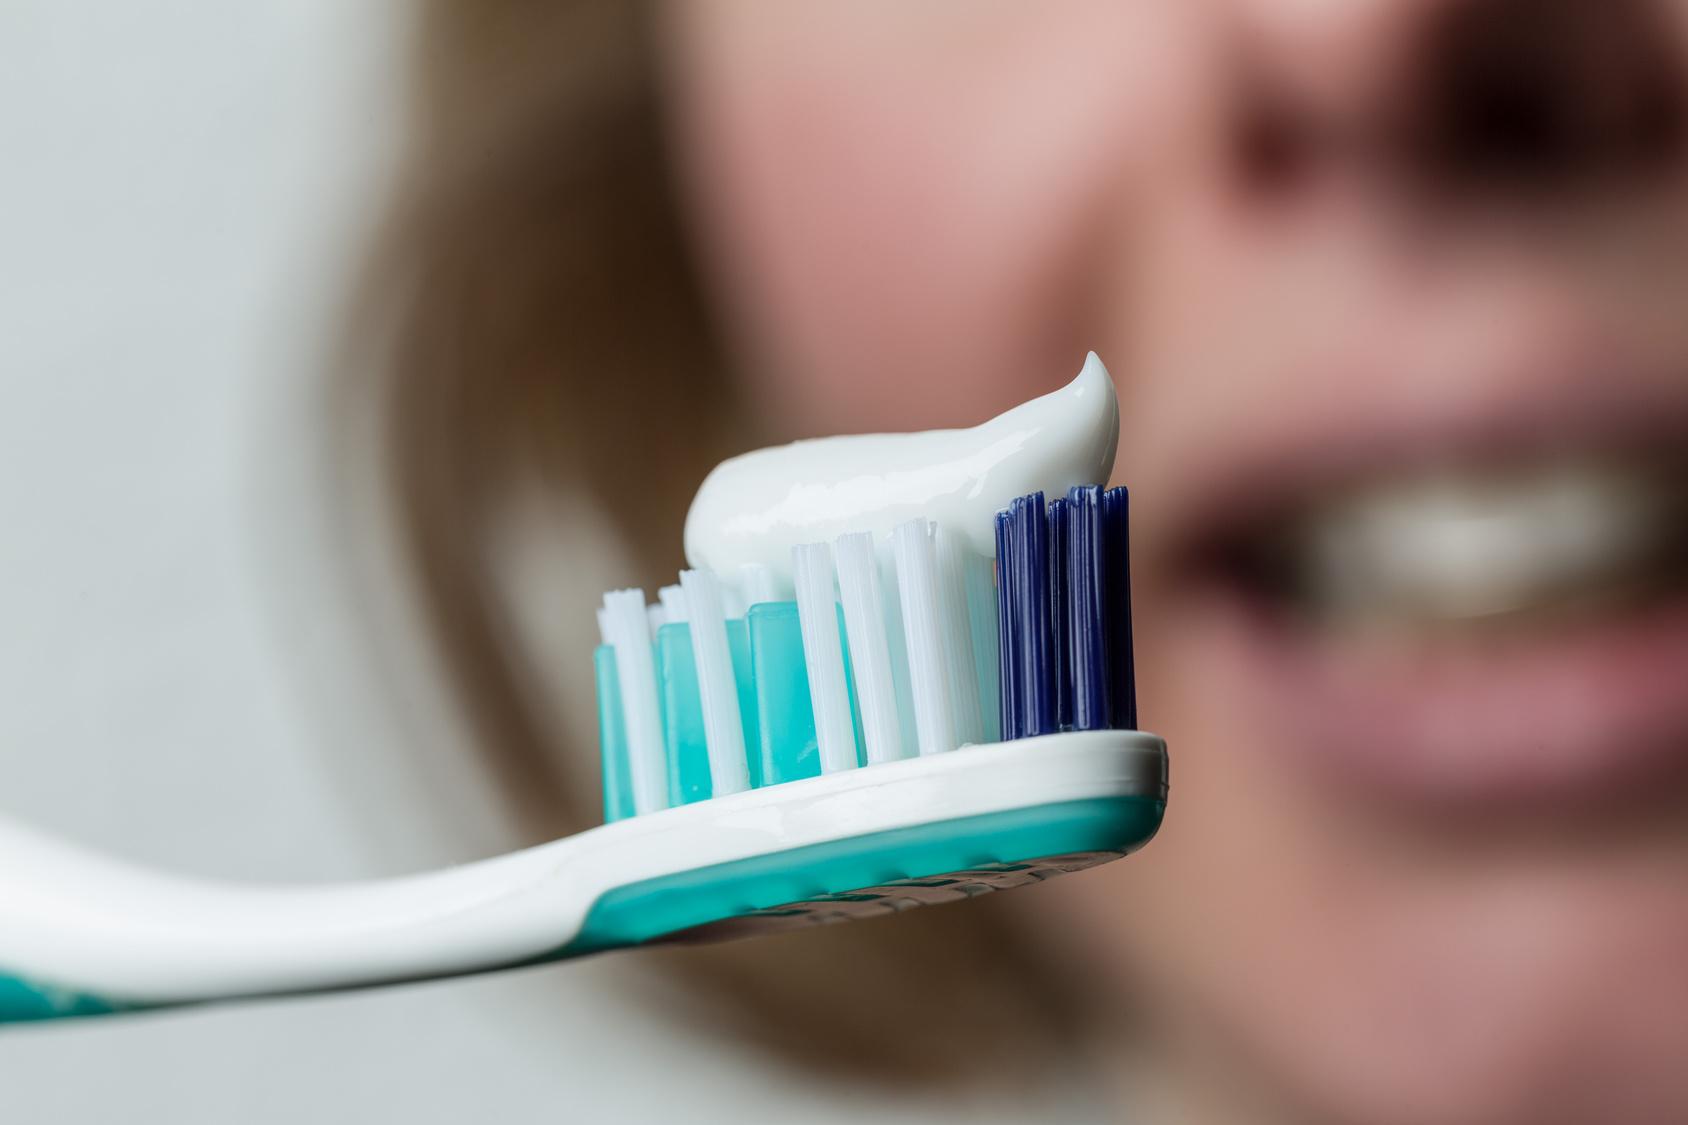 おすすめの歯磨き粉特集!今売れている注目の歯磨き粉とは?のサムネイル画像